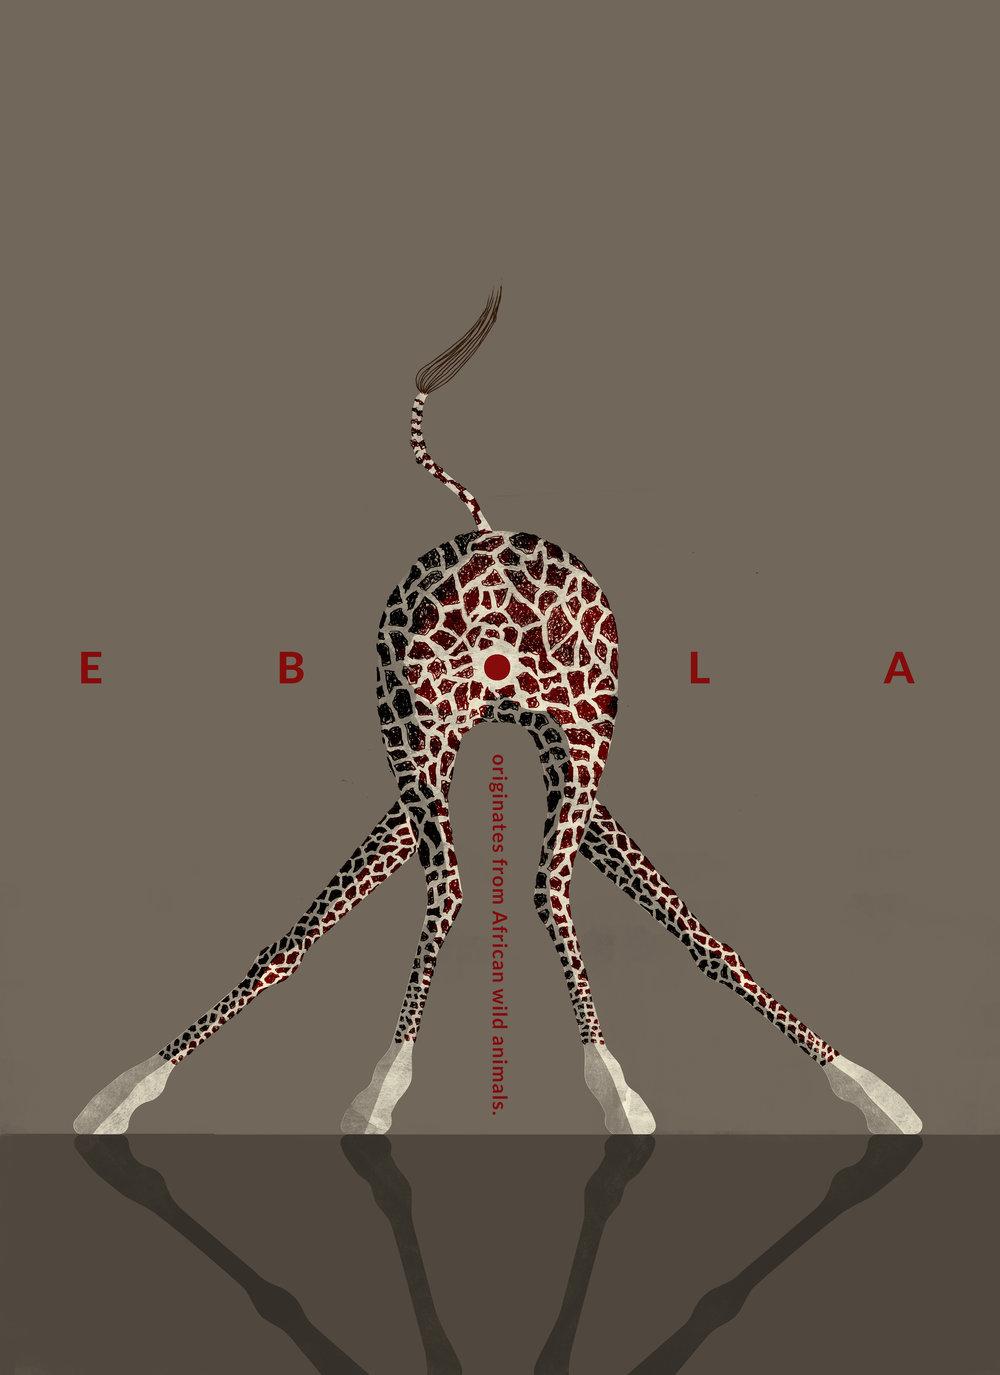 Ebola_Poster_Indesign.jpg